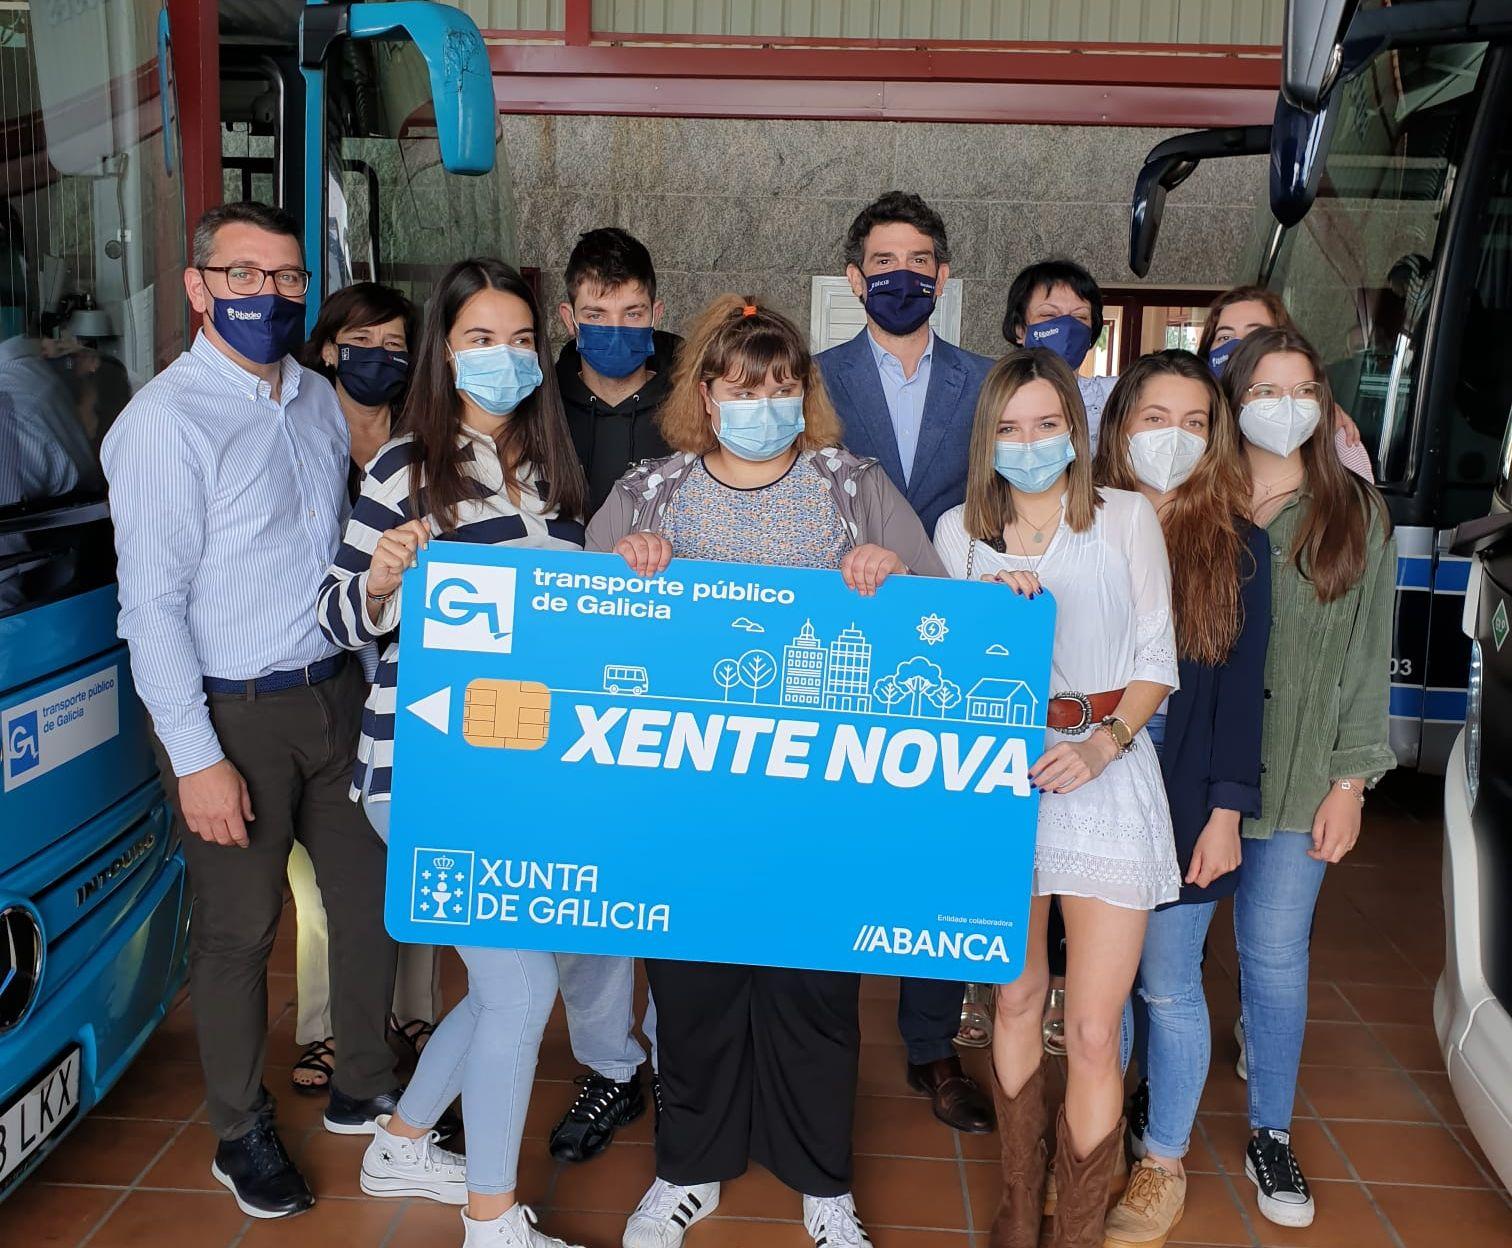 500 persoas mozas da Mariña son usuarias da tarxeta Xente Nova, coa que poden viaxar de balde por toda Galicia